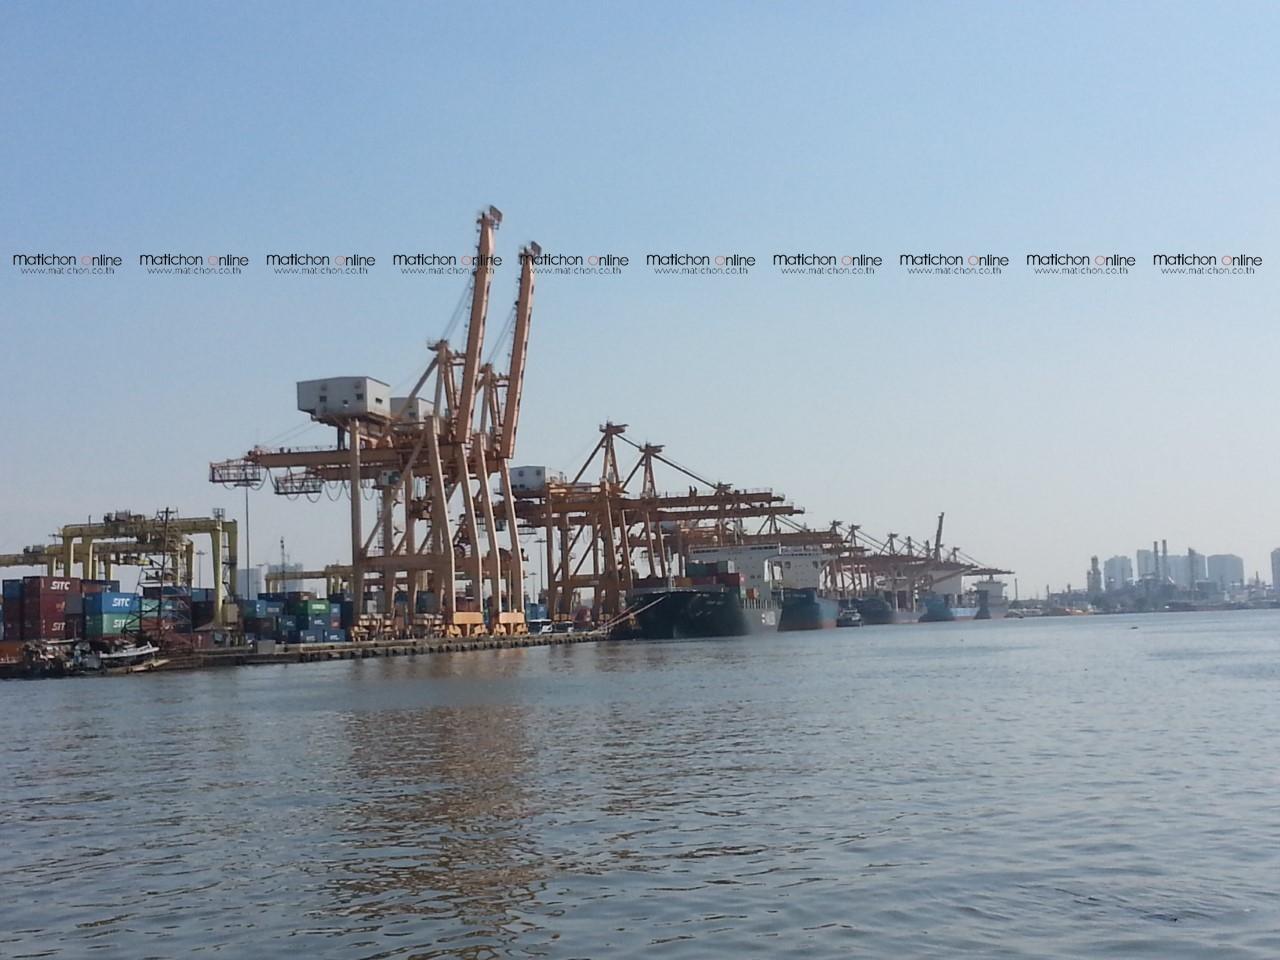 การท่าเรือ ยกระดับมาตรการสกัดโควิด พร้อมเพิ่มจุดให้บริการทำธุรกรรมทางการเงินครบวงจร